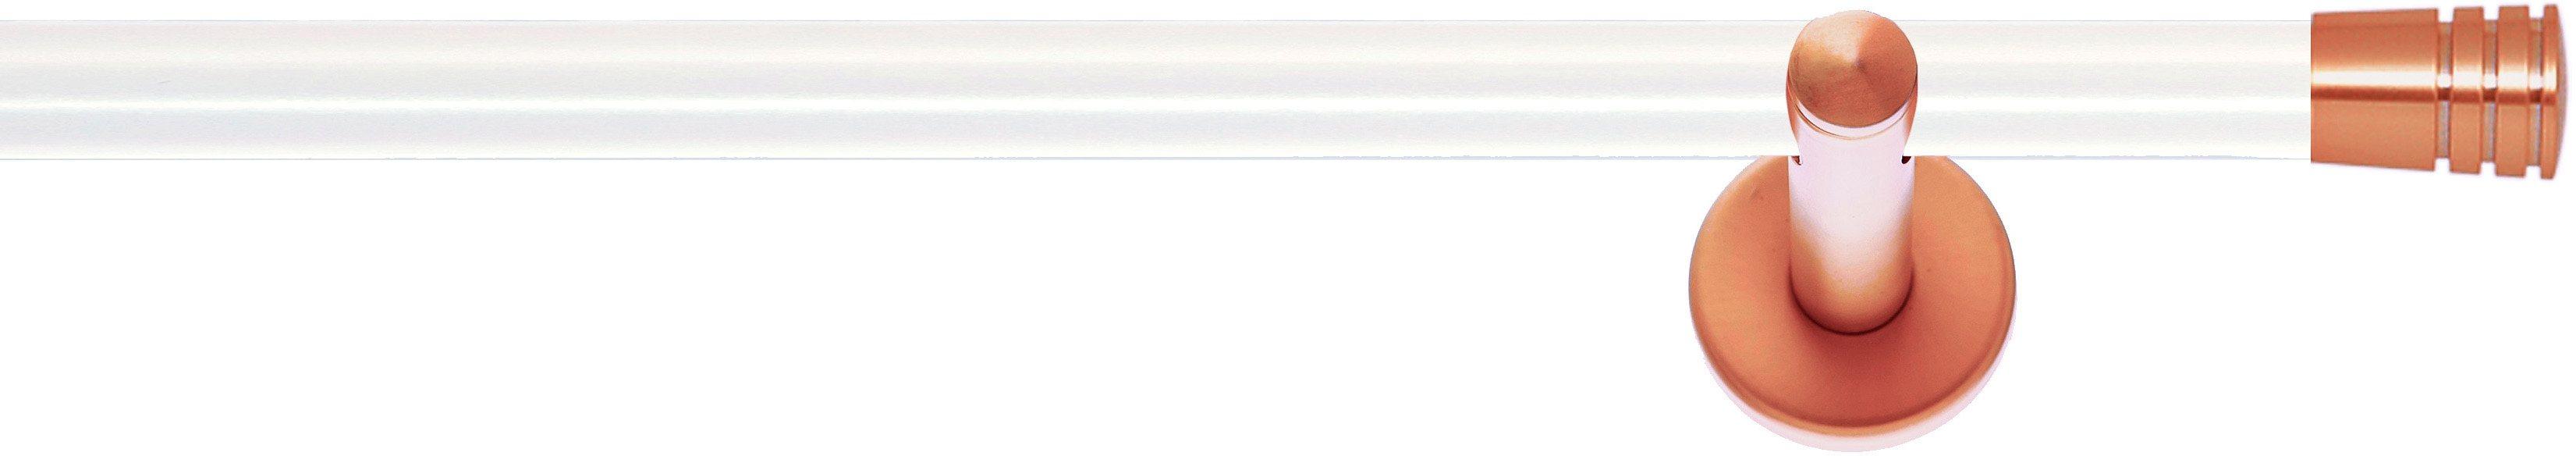 Gardinenstange, Indeko, »Industrie-Look Nashville«, 1-läufig nach Maß ø 20 mm | Heimtextilien > Gardinen und Vorhänge > Gardinenstangen | indeko